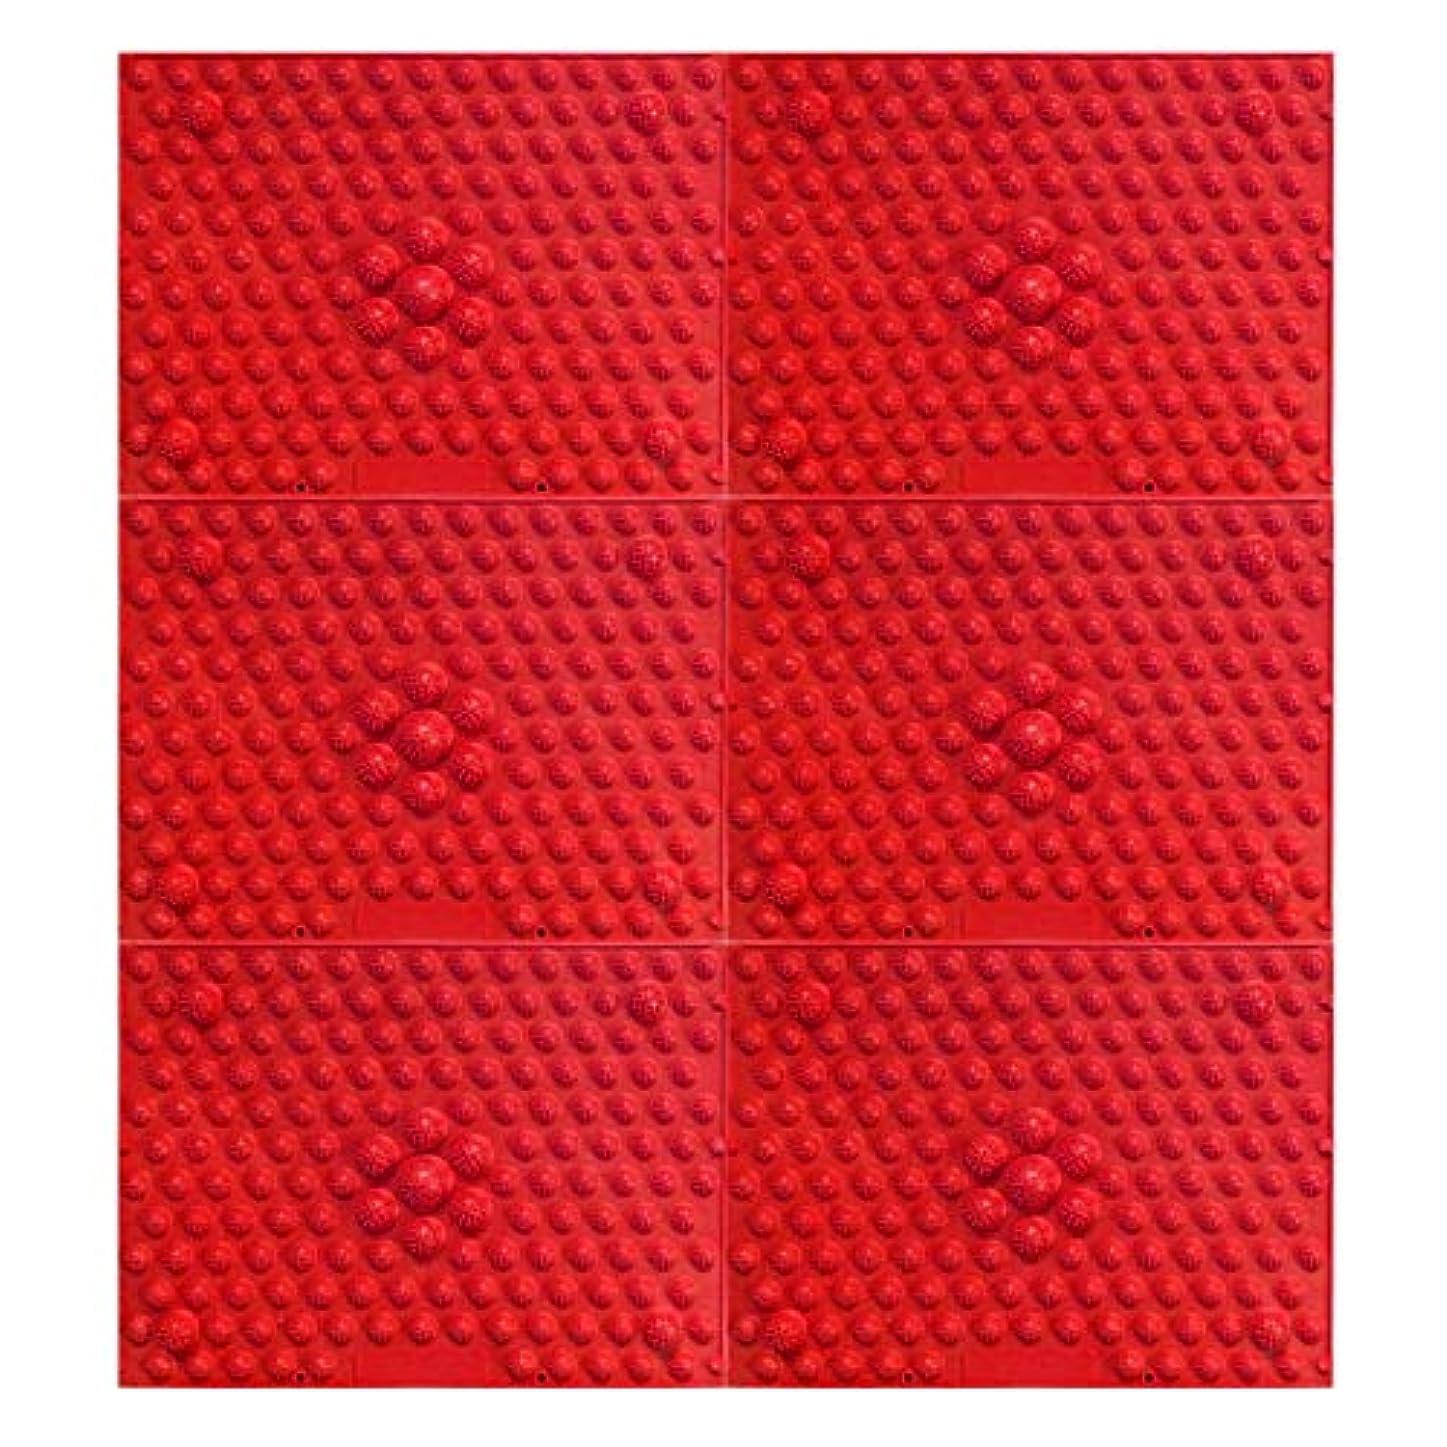 持続的わずかにジュニア疲れsirazu(足踏みマット)ピンク6枚セット (赤)